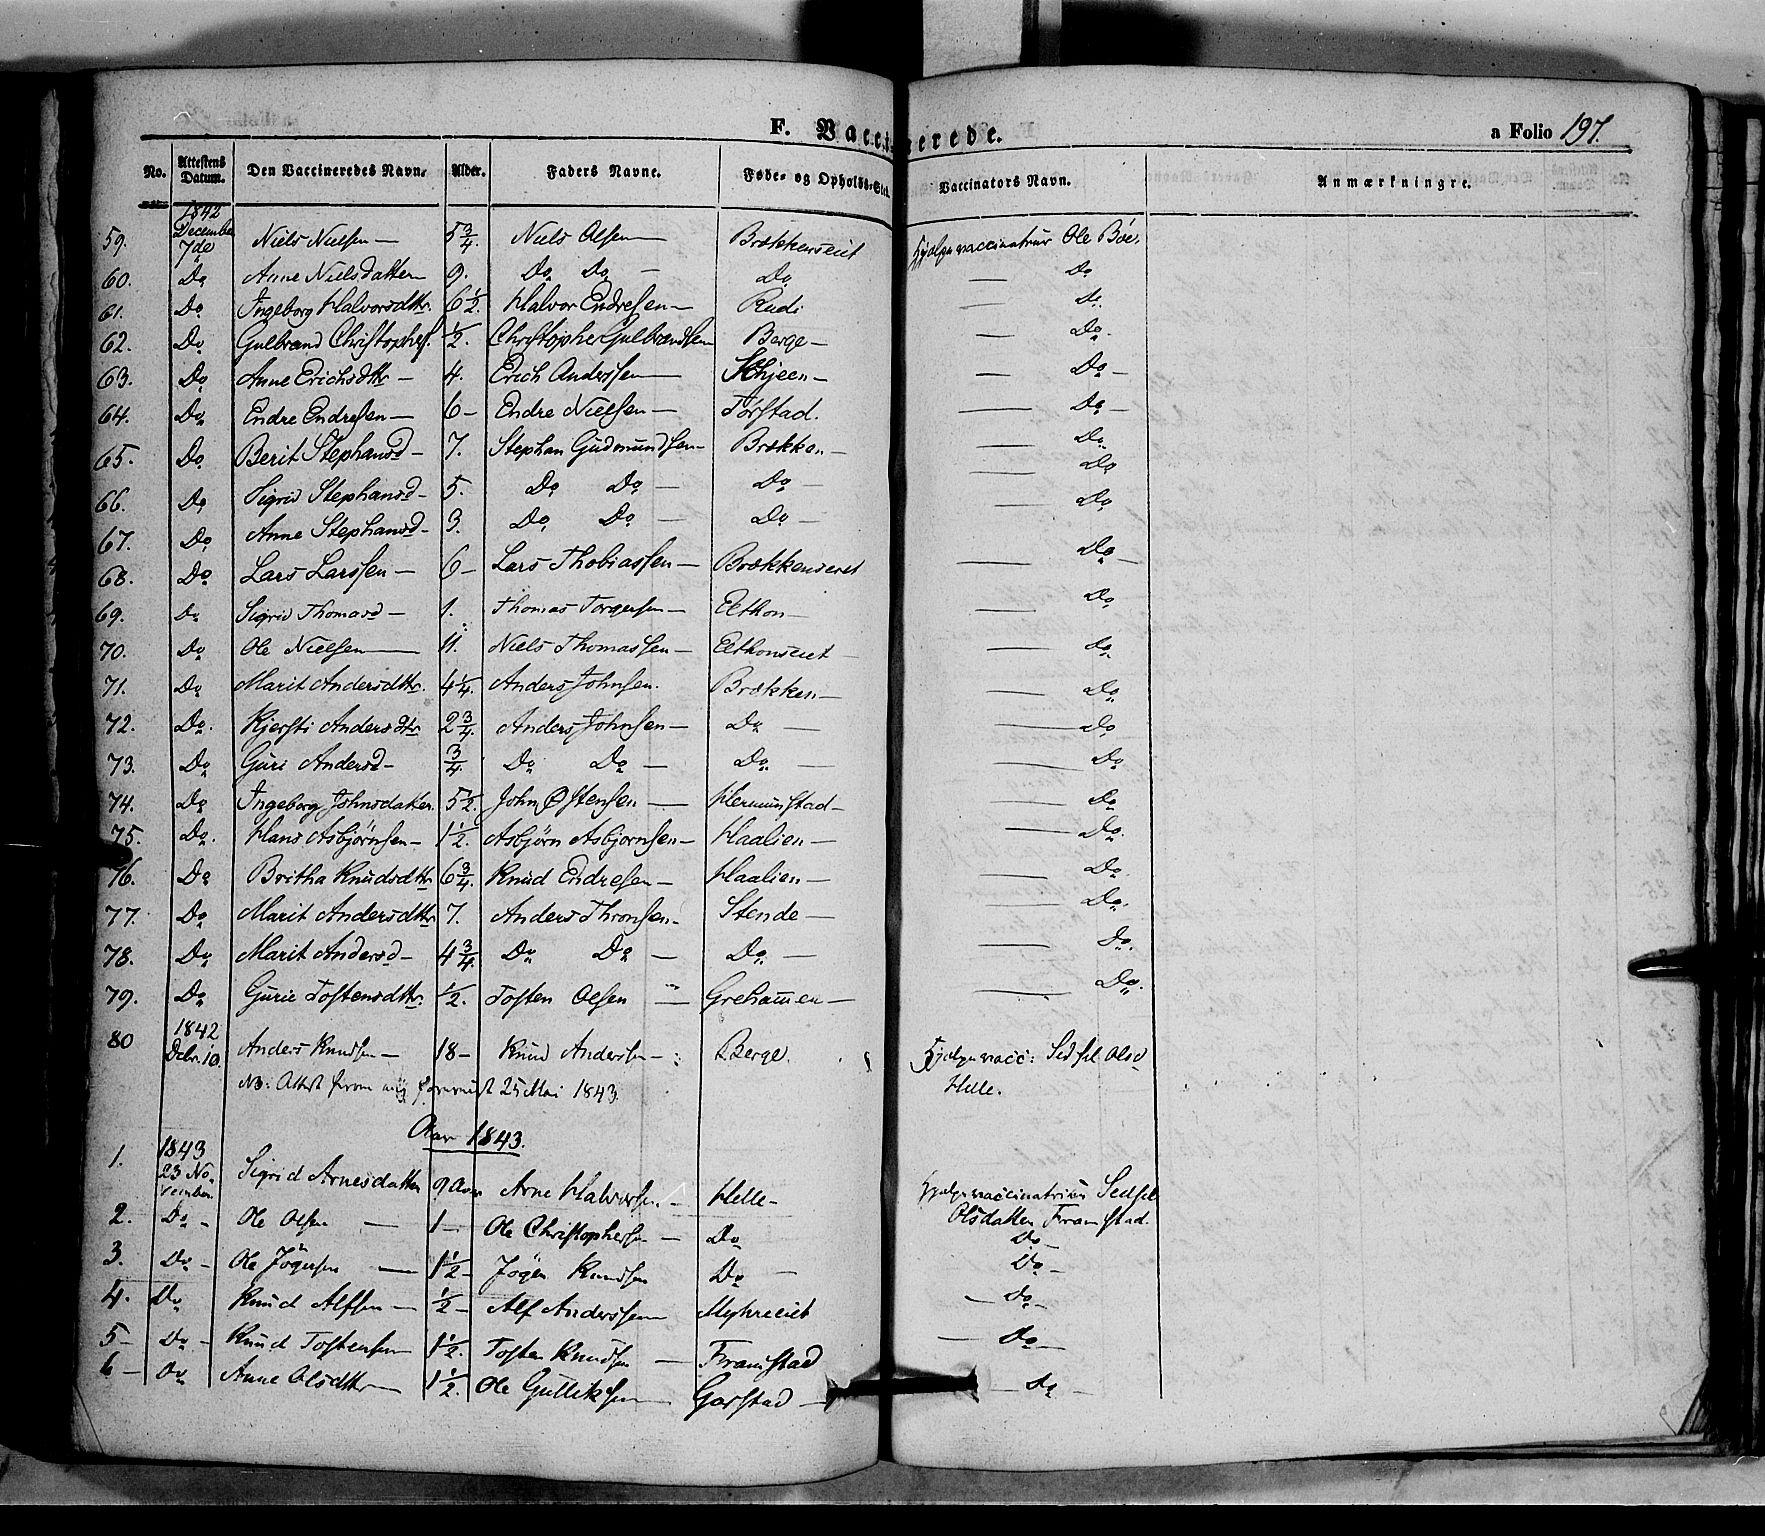 SAH, Vang prestekontor, Valdres, Ministerialbok nr. 5, 1831-1845, s. 197